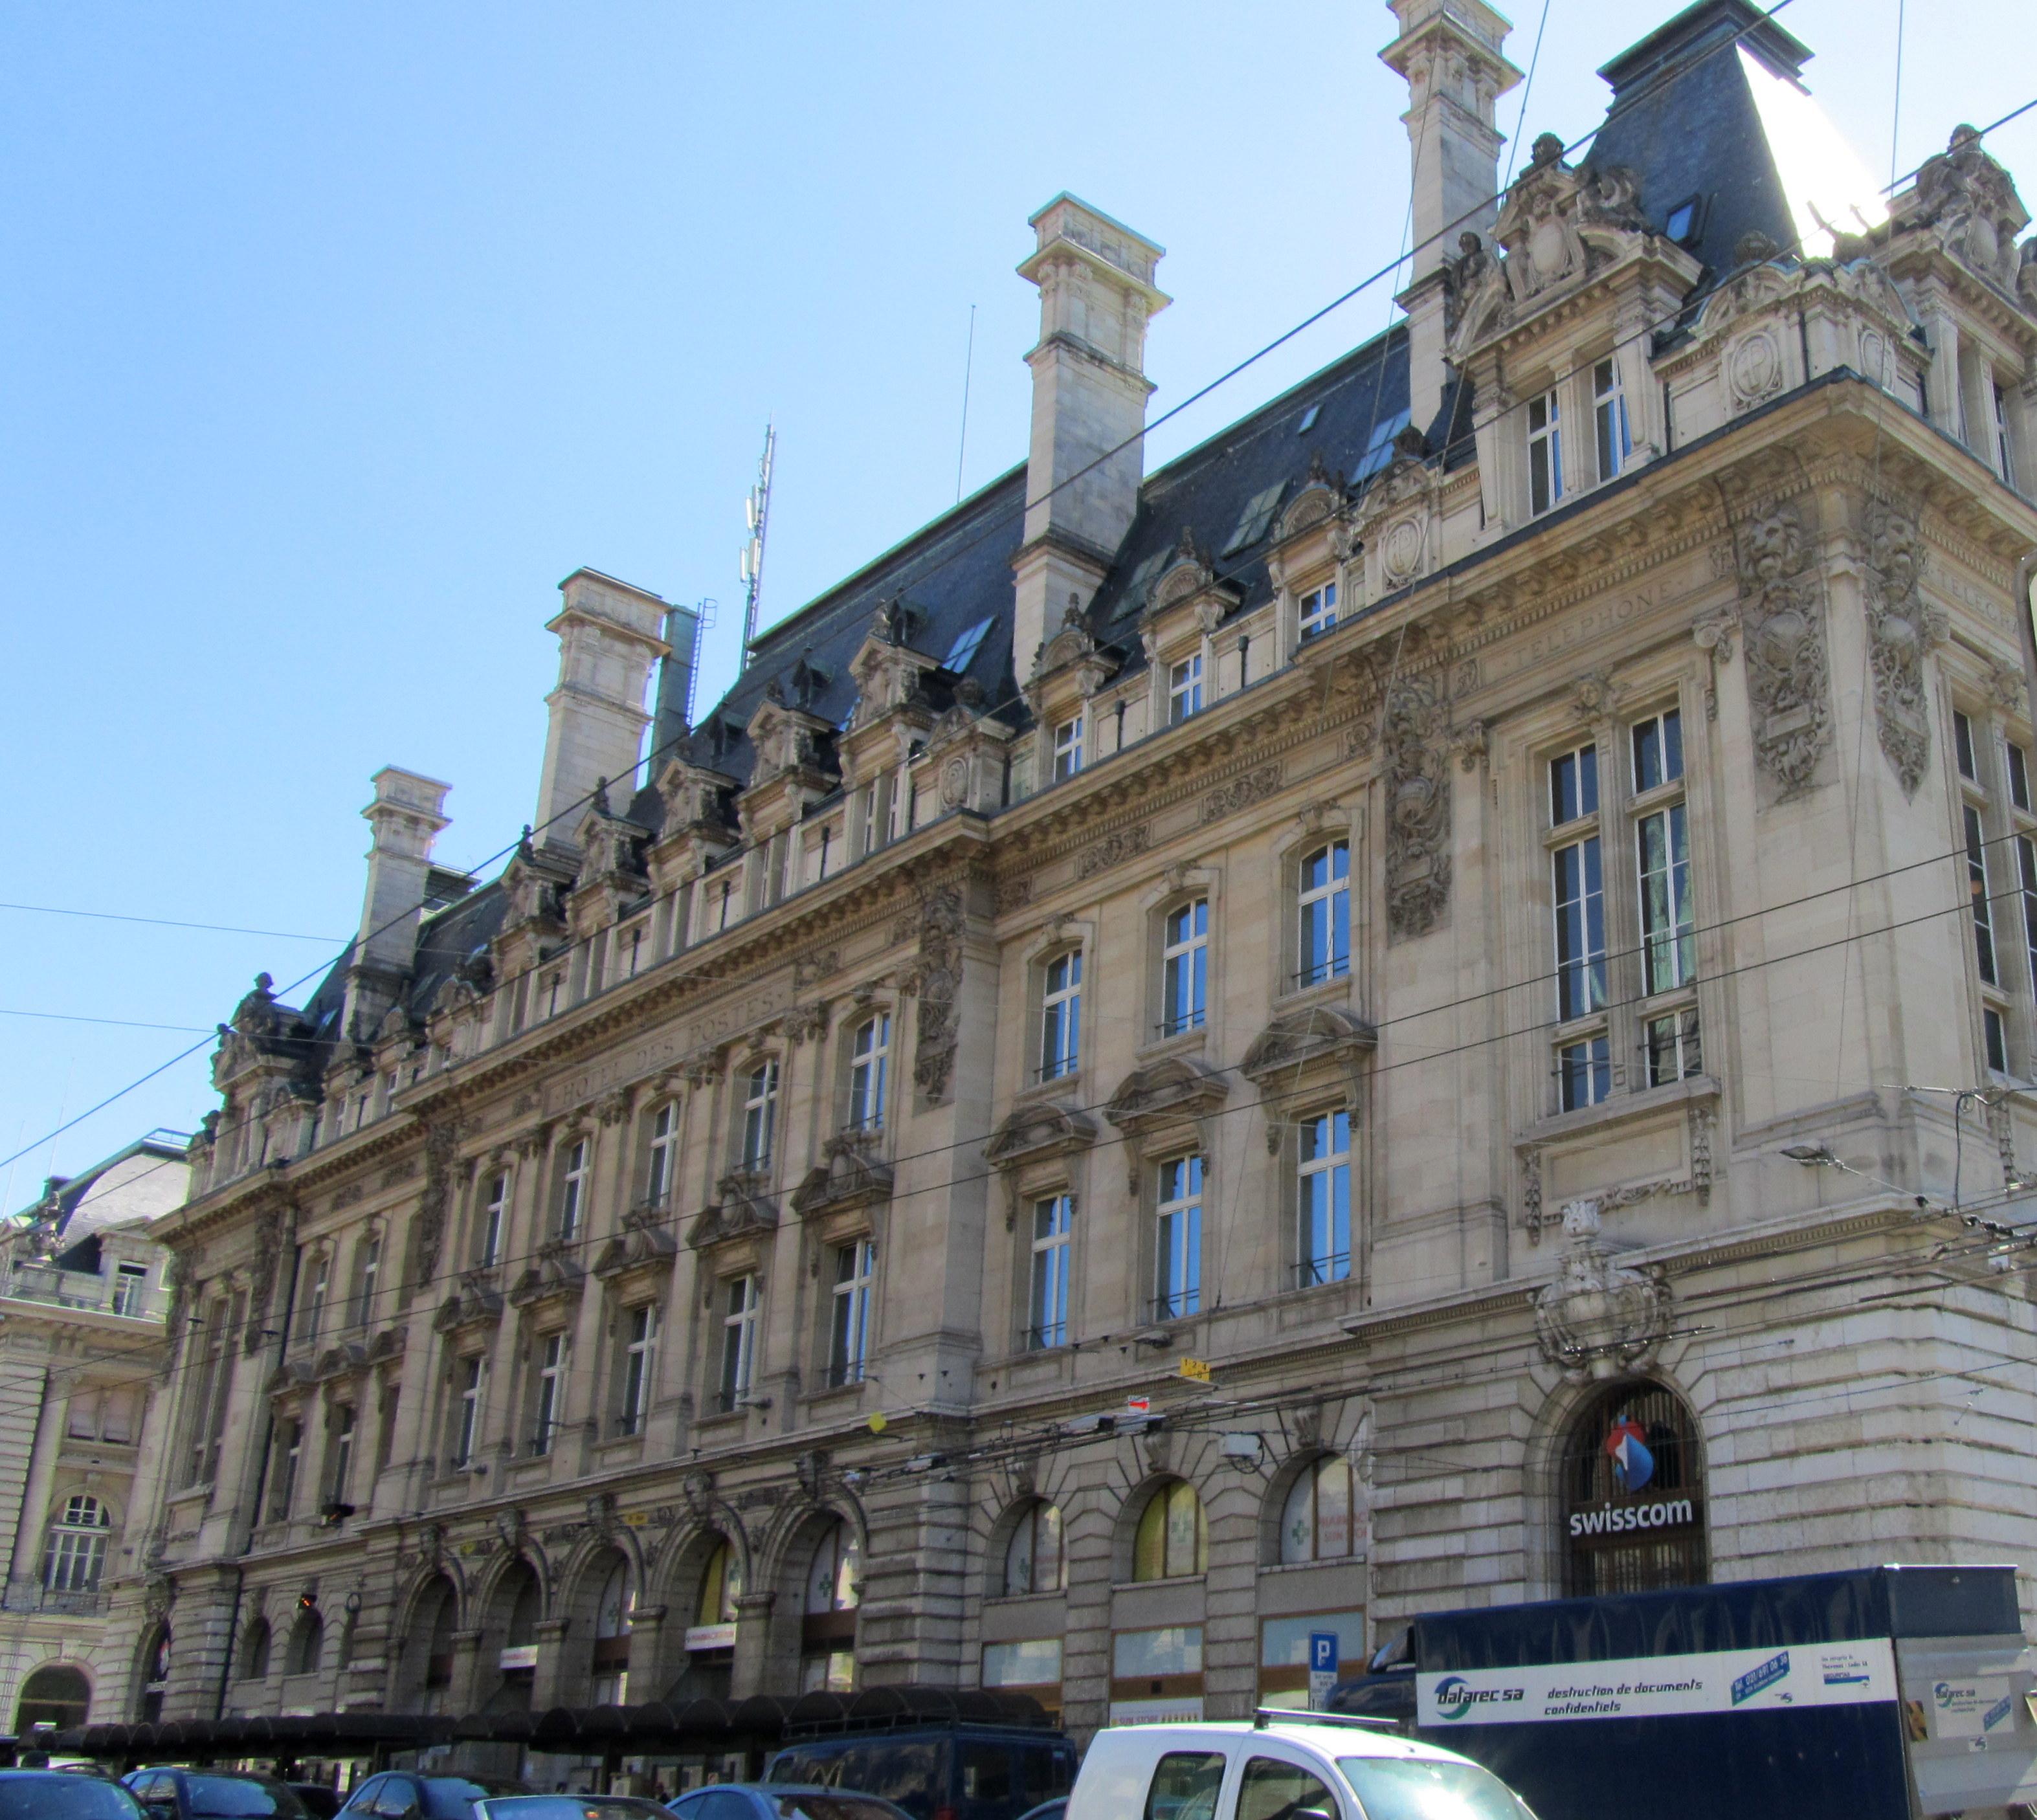 Lausanne Hôtel des postes